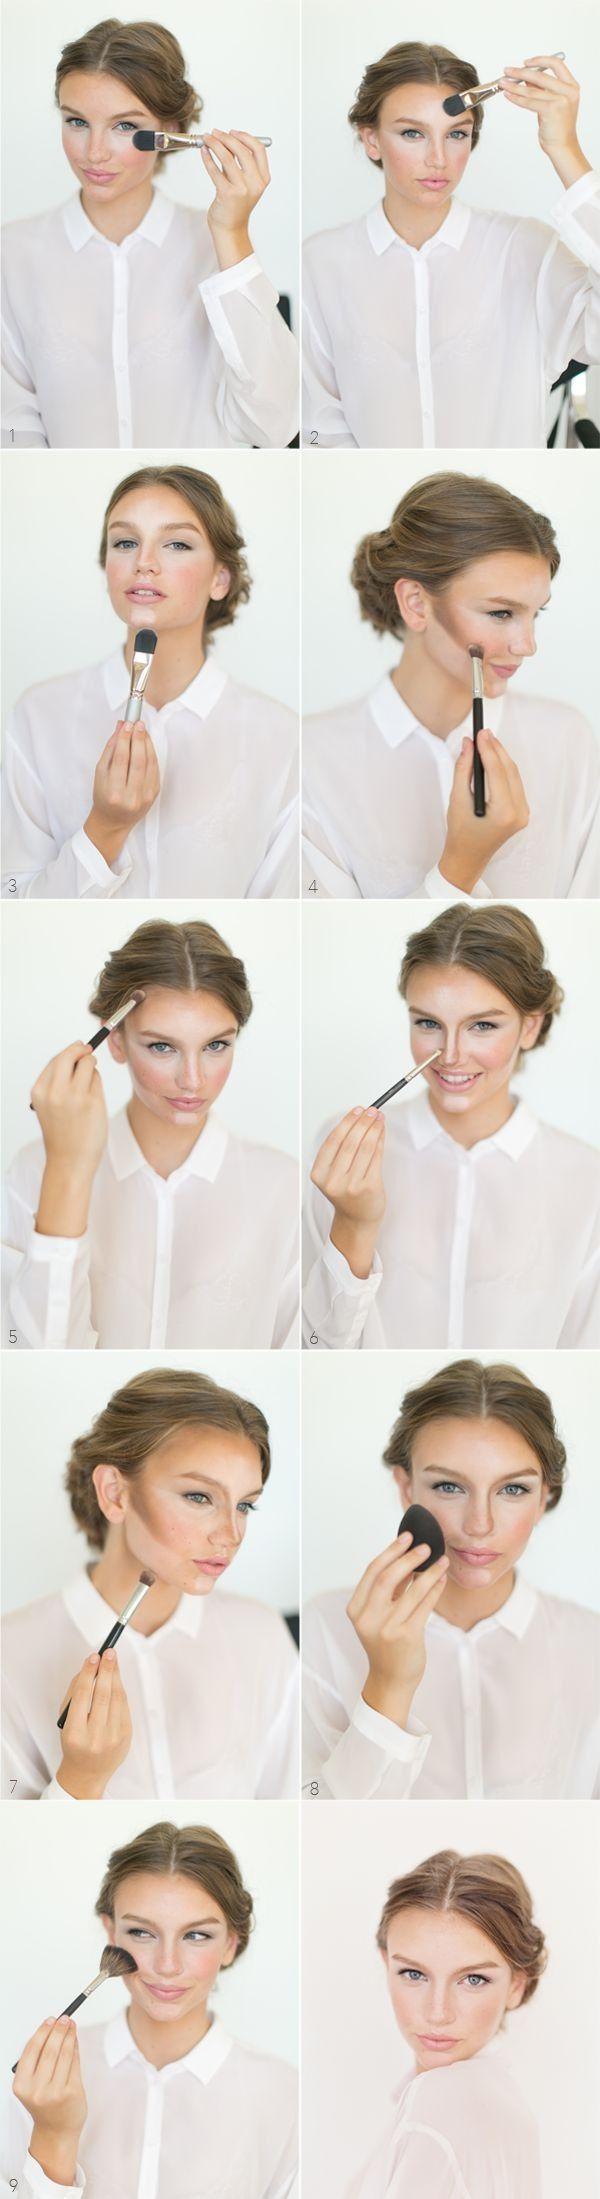 uma das maneiras de se criar luz e sombra na maquiagem